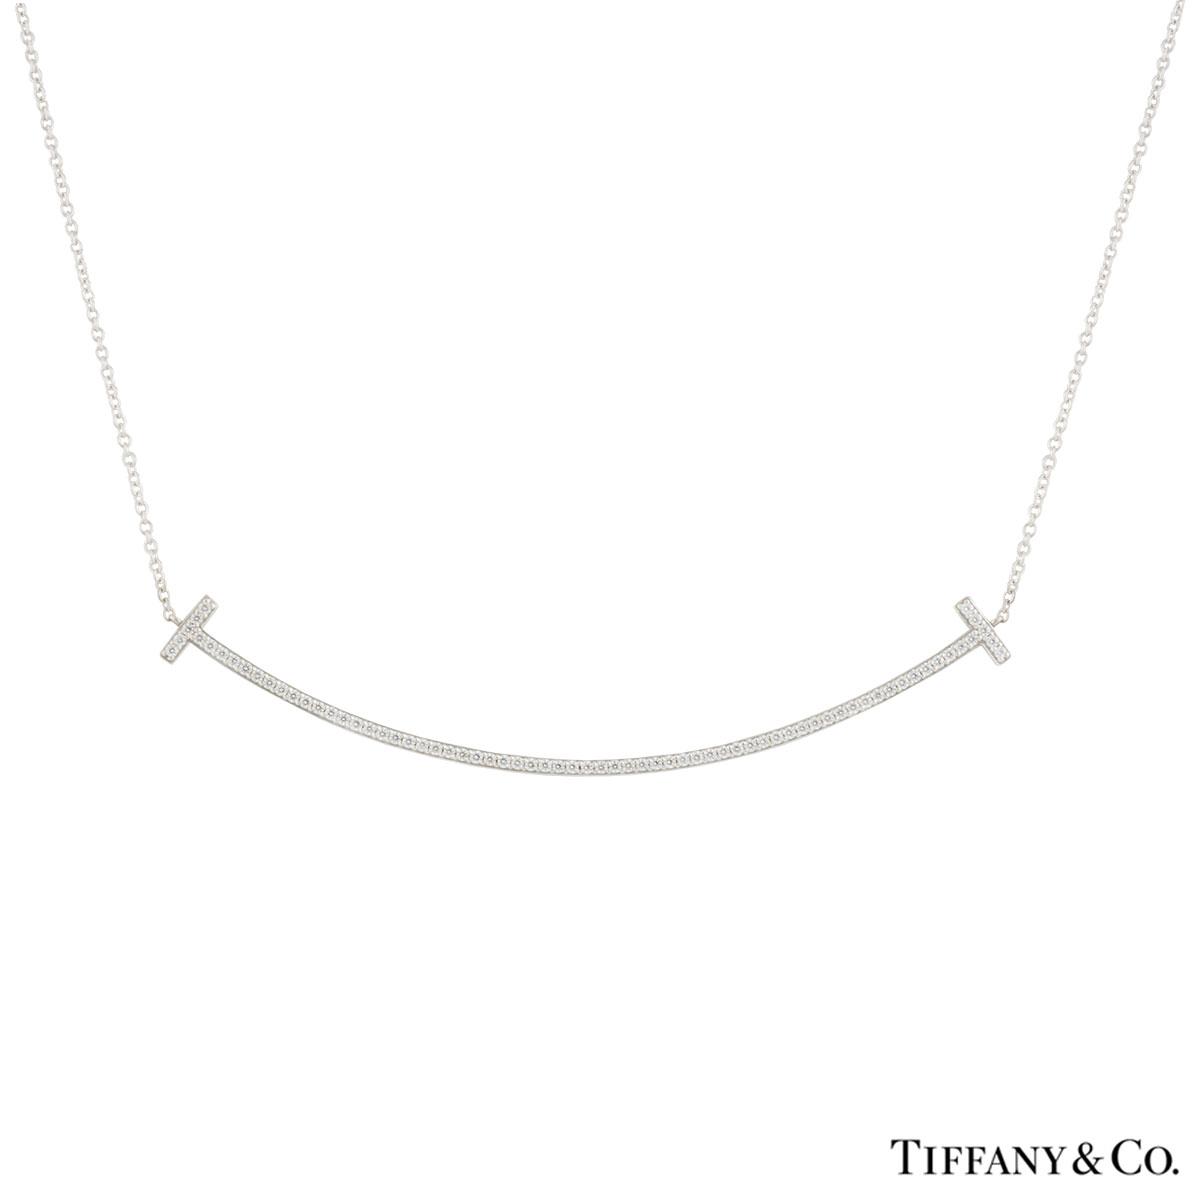 Tiffany & Co. White Gold Diamond T Smile Pendant